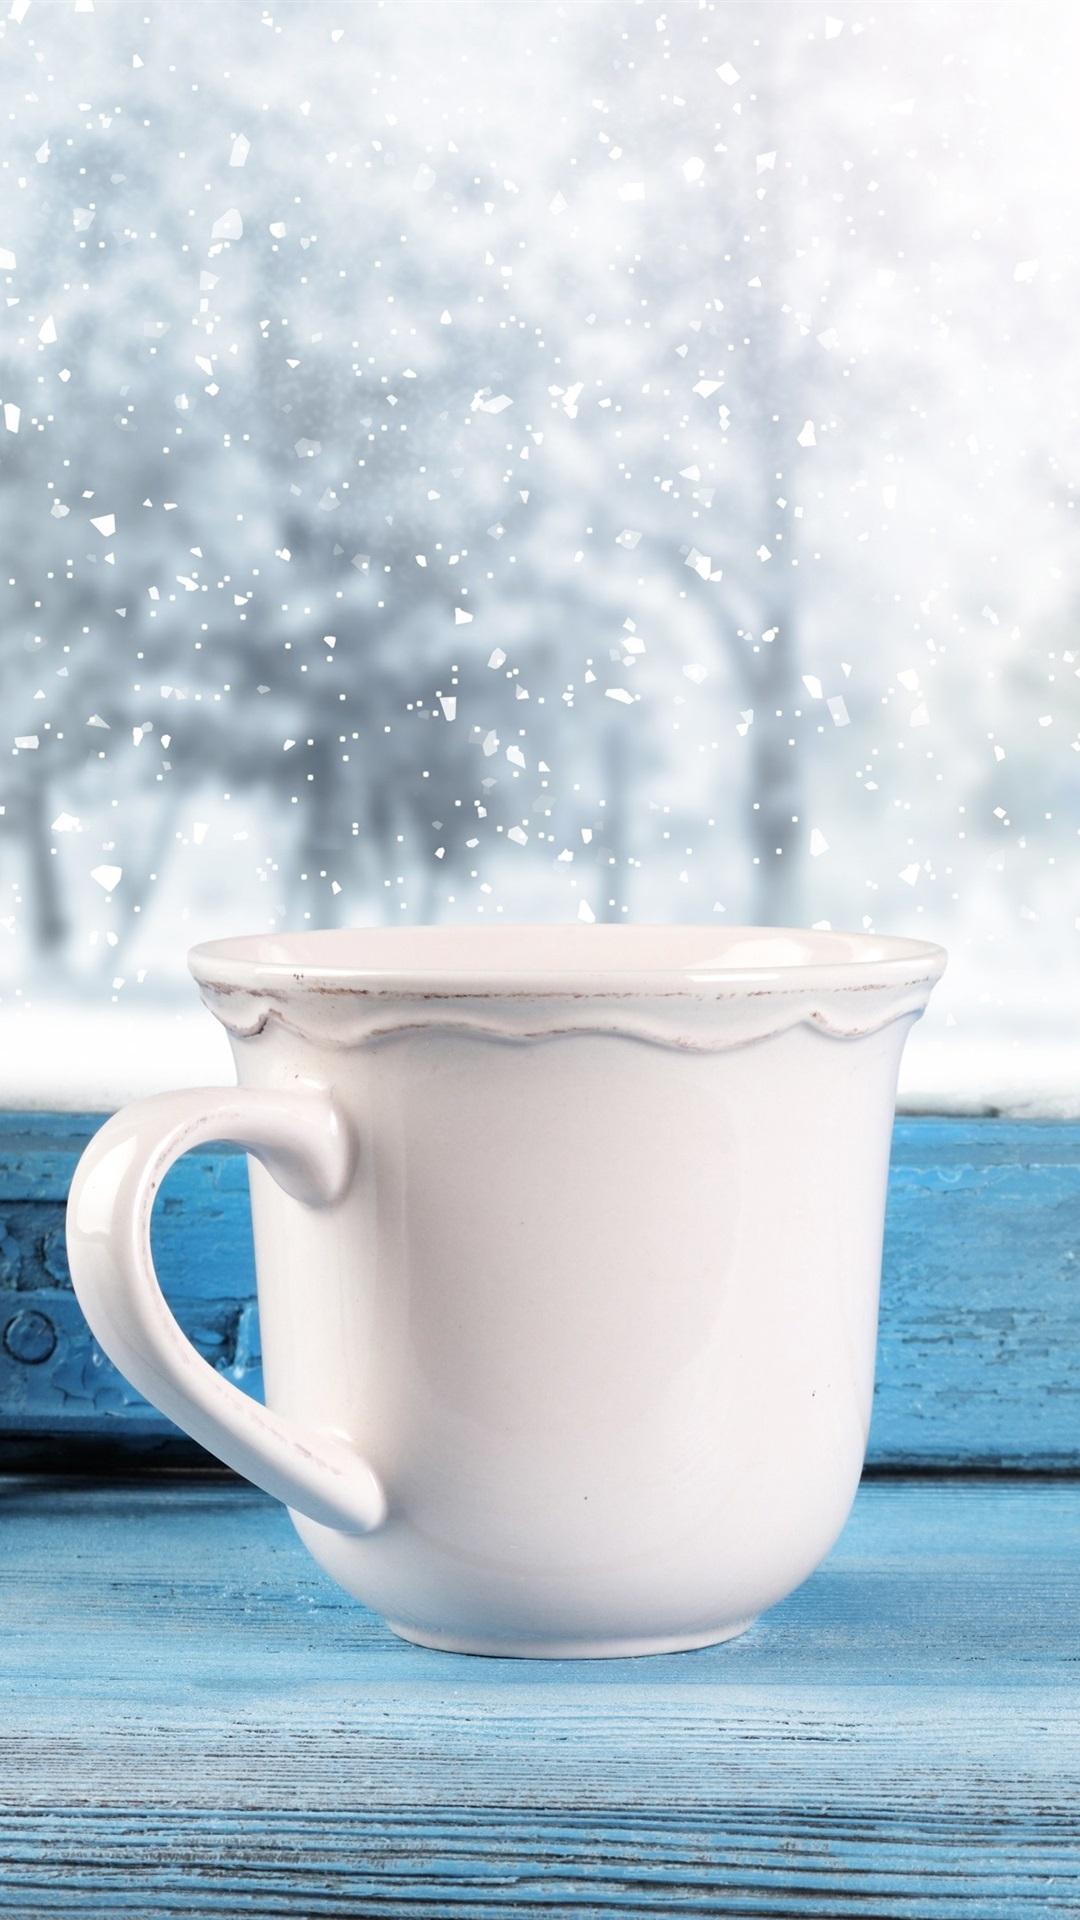 カップ 窓 雪 冬 1080x1920 Iphone 8 7 6 6s Plus 壁紙 背景 画像